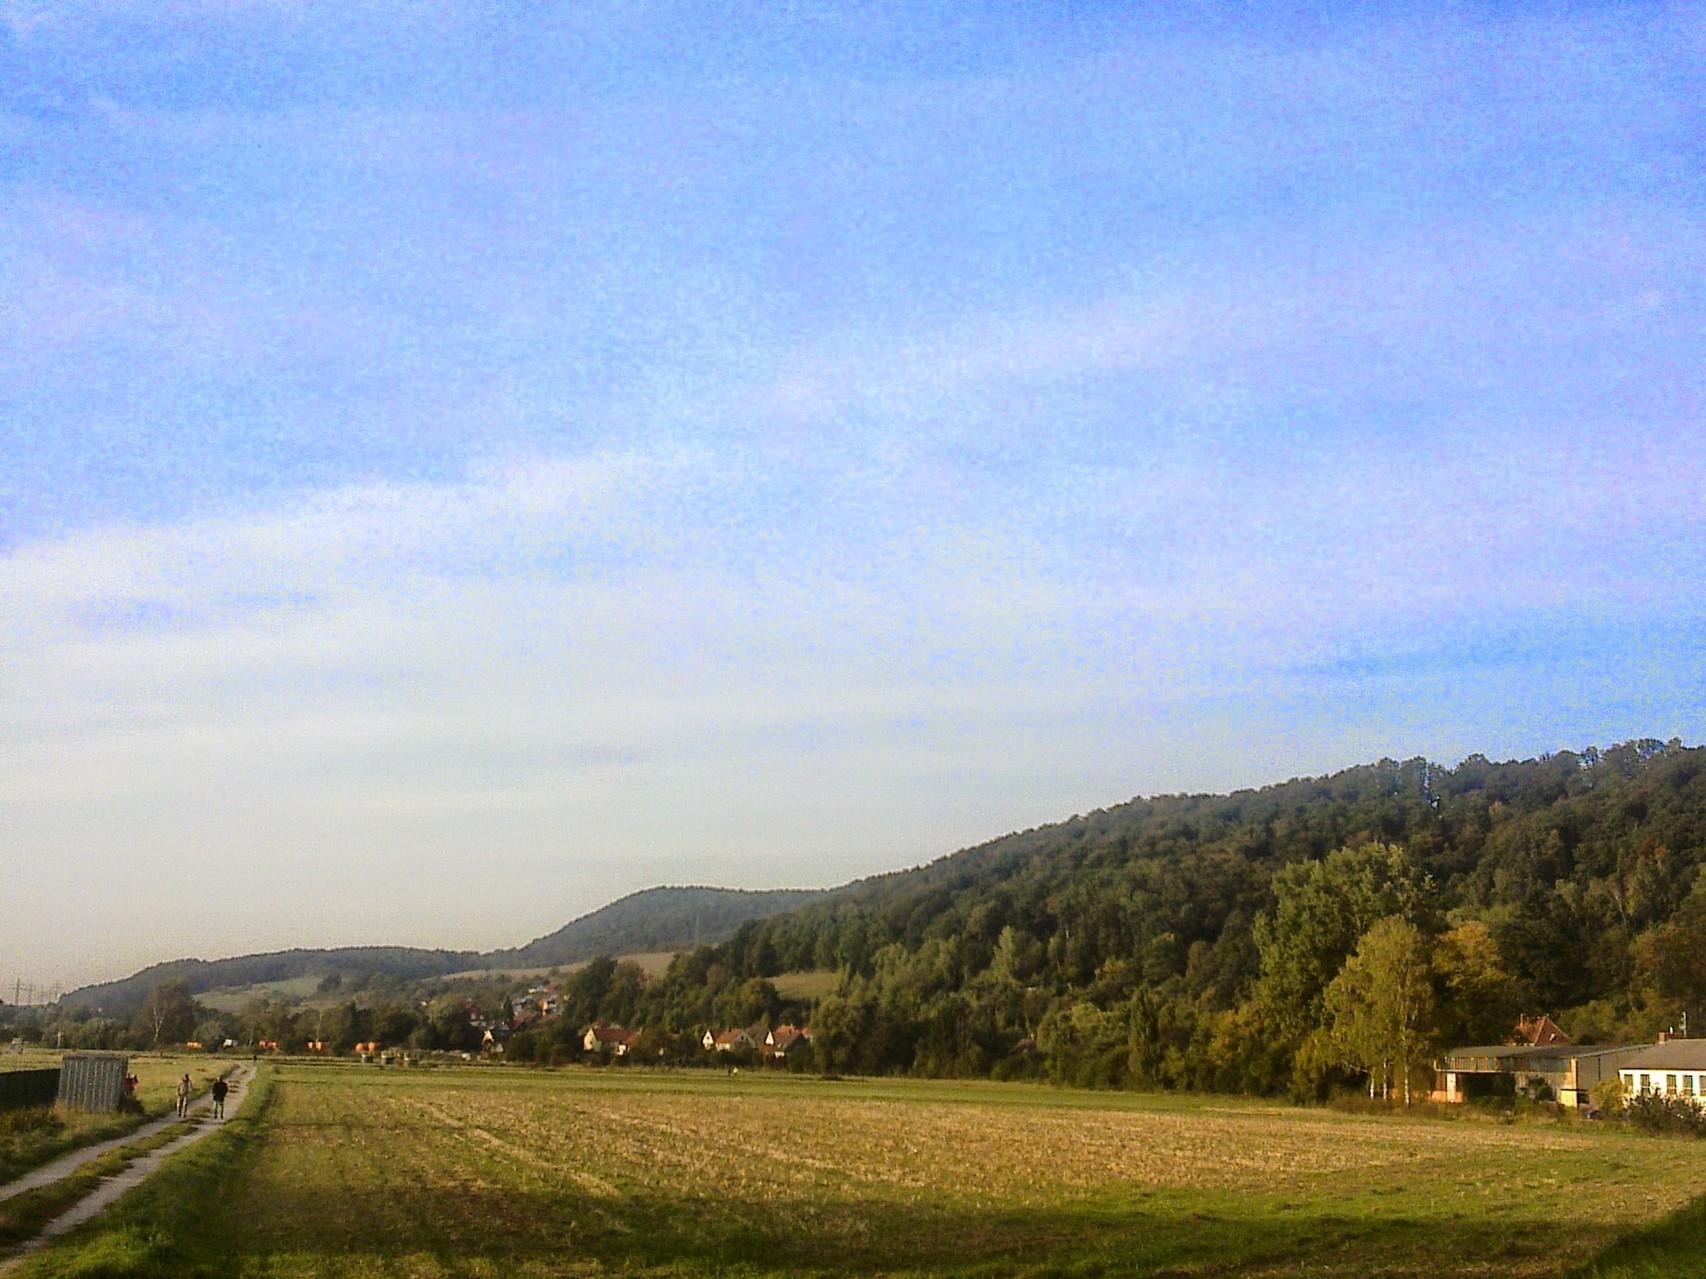 ~ Bild: Ausklang der Sieben Berge bei Alfeld (Leine) ~